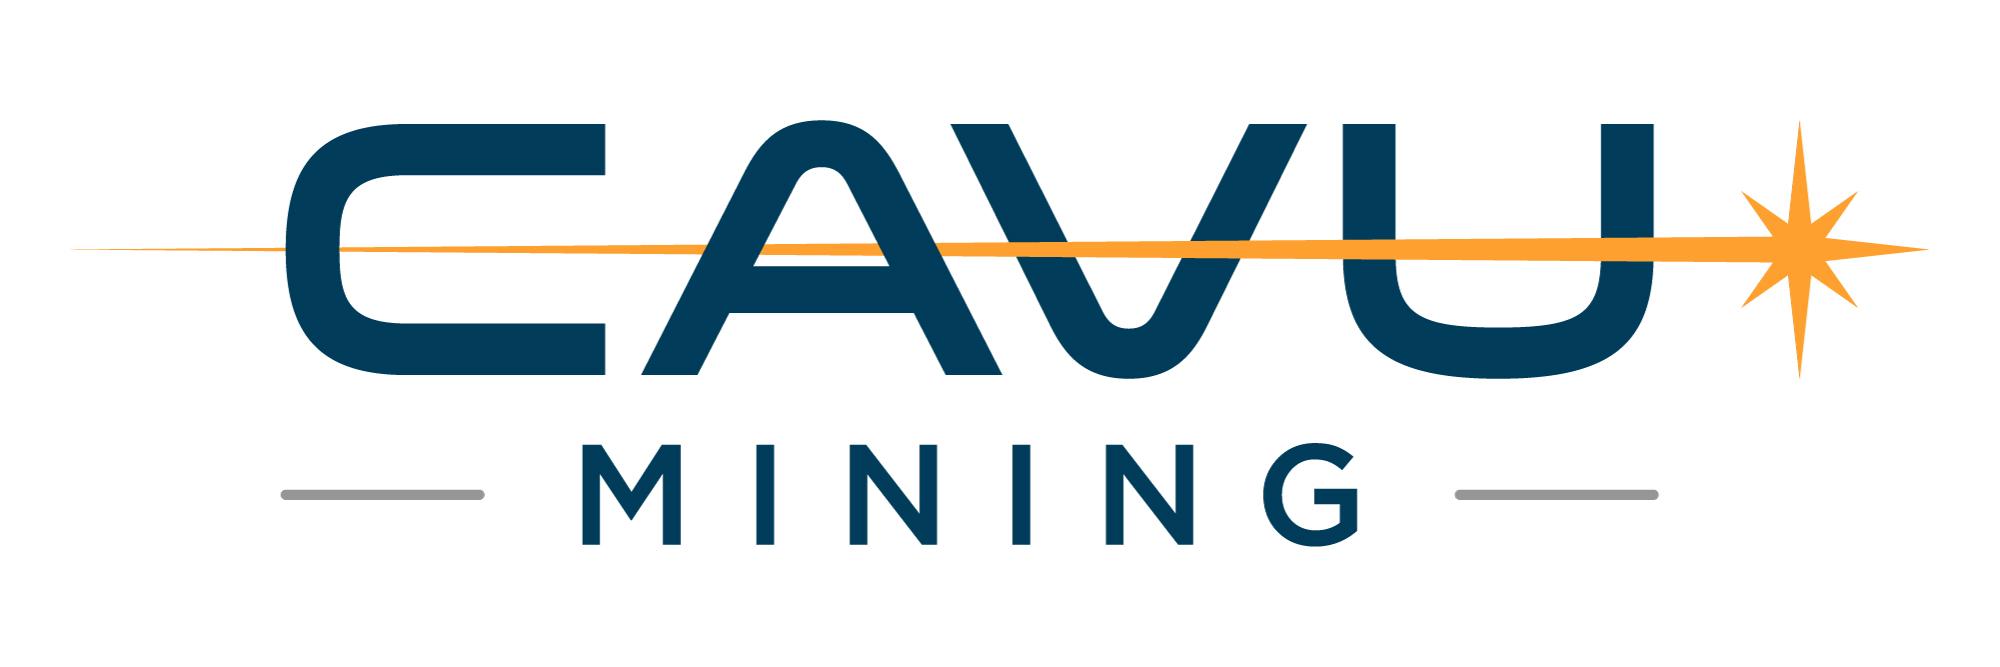 CAVU Mining Corp.